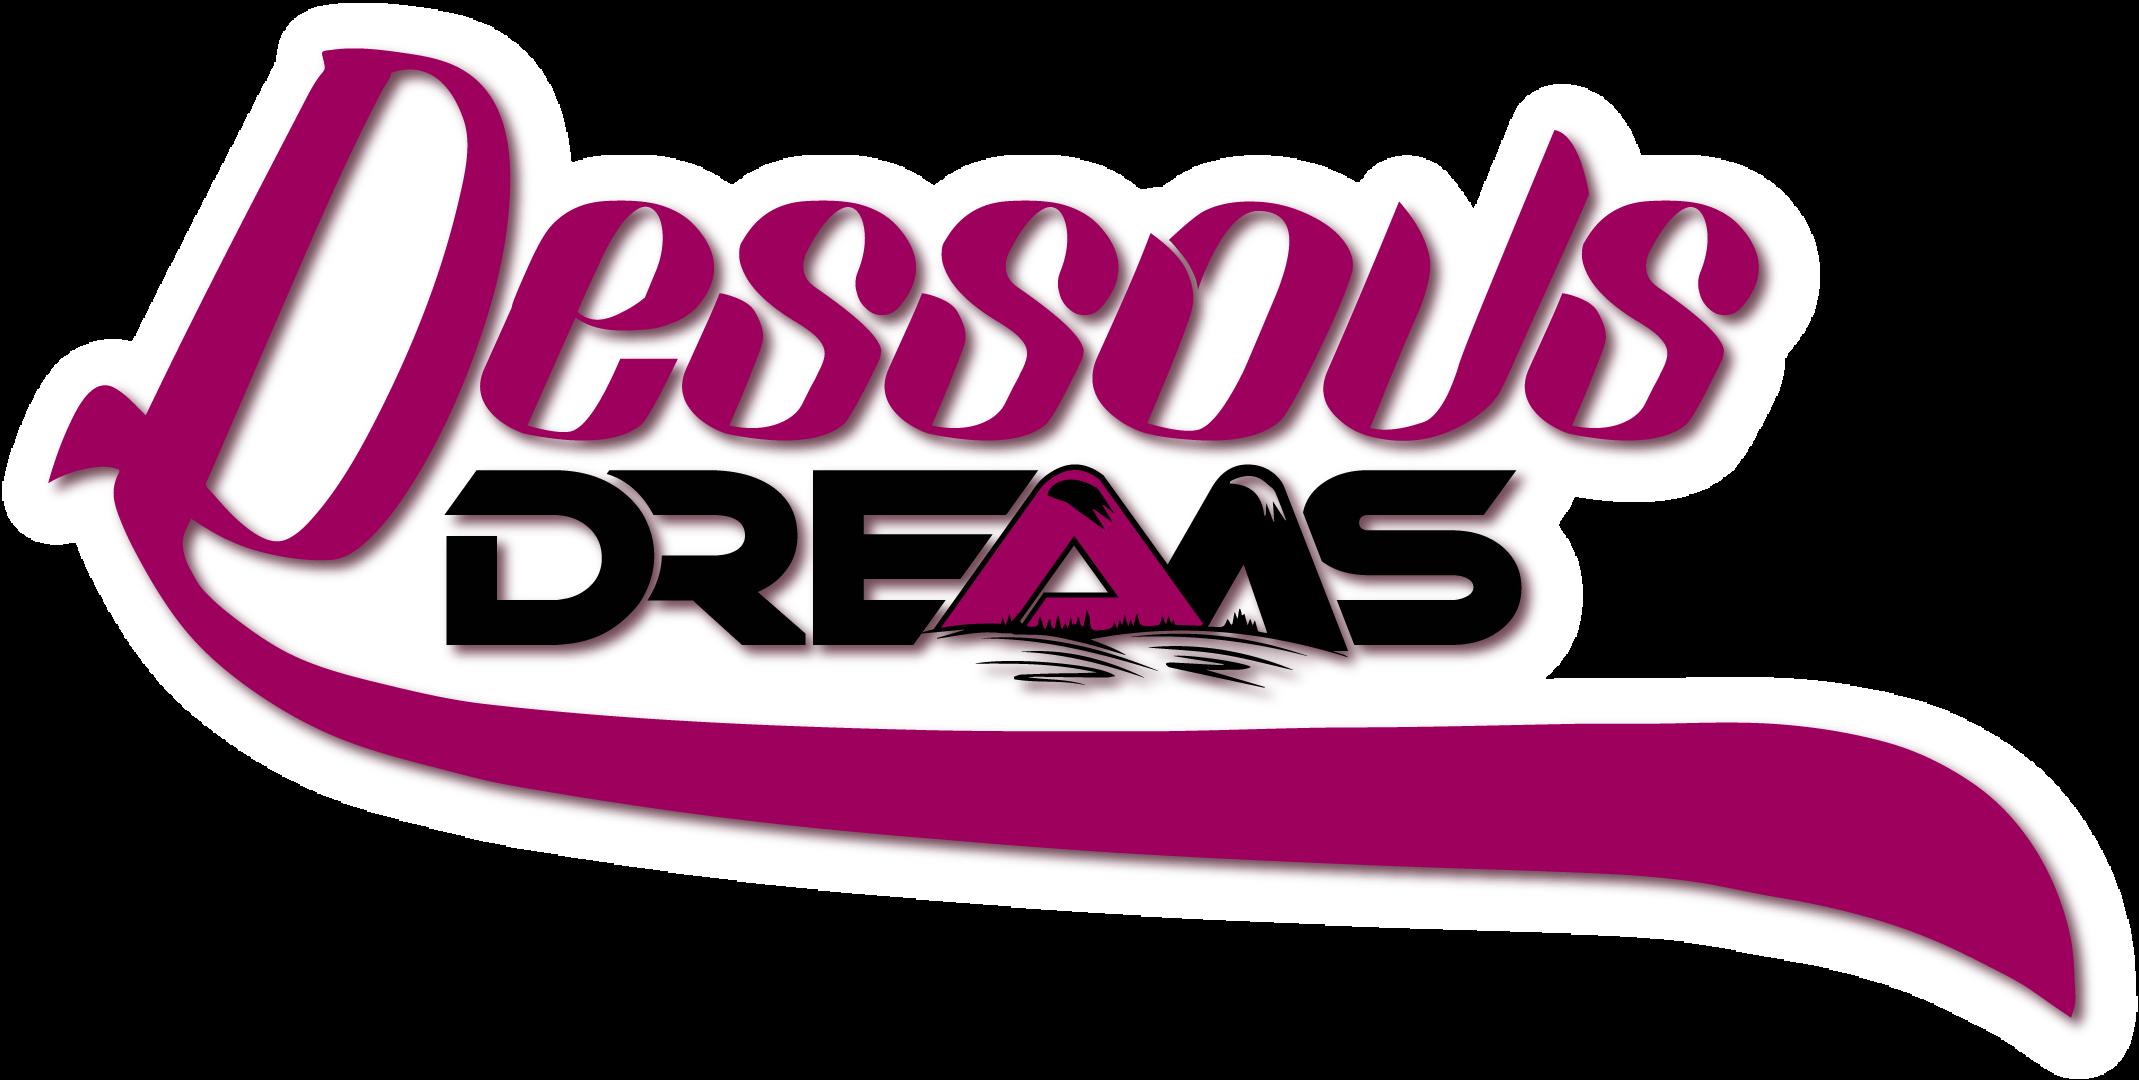 Dessous Dreams